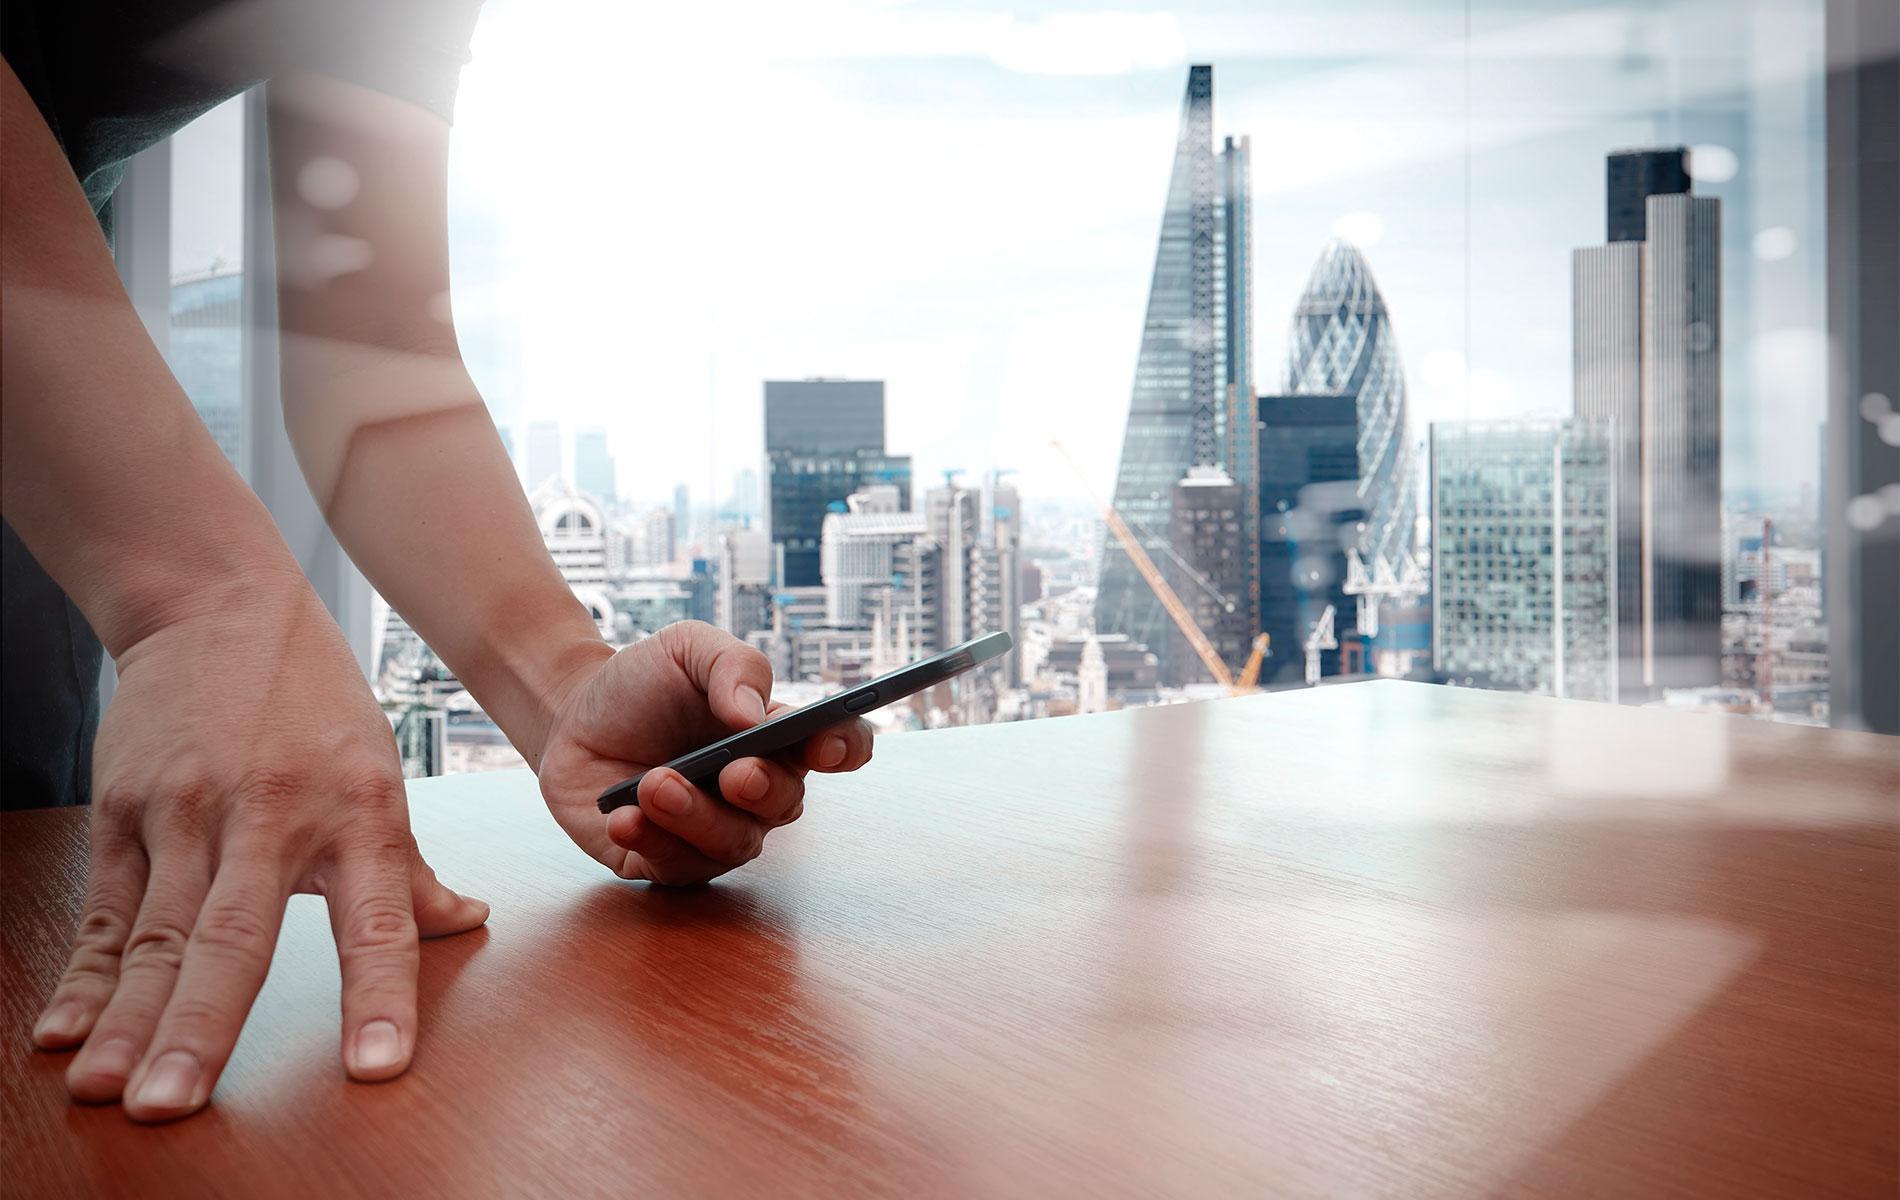 london technology resource fintech